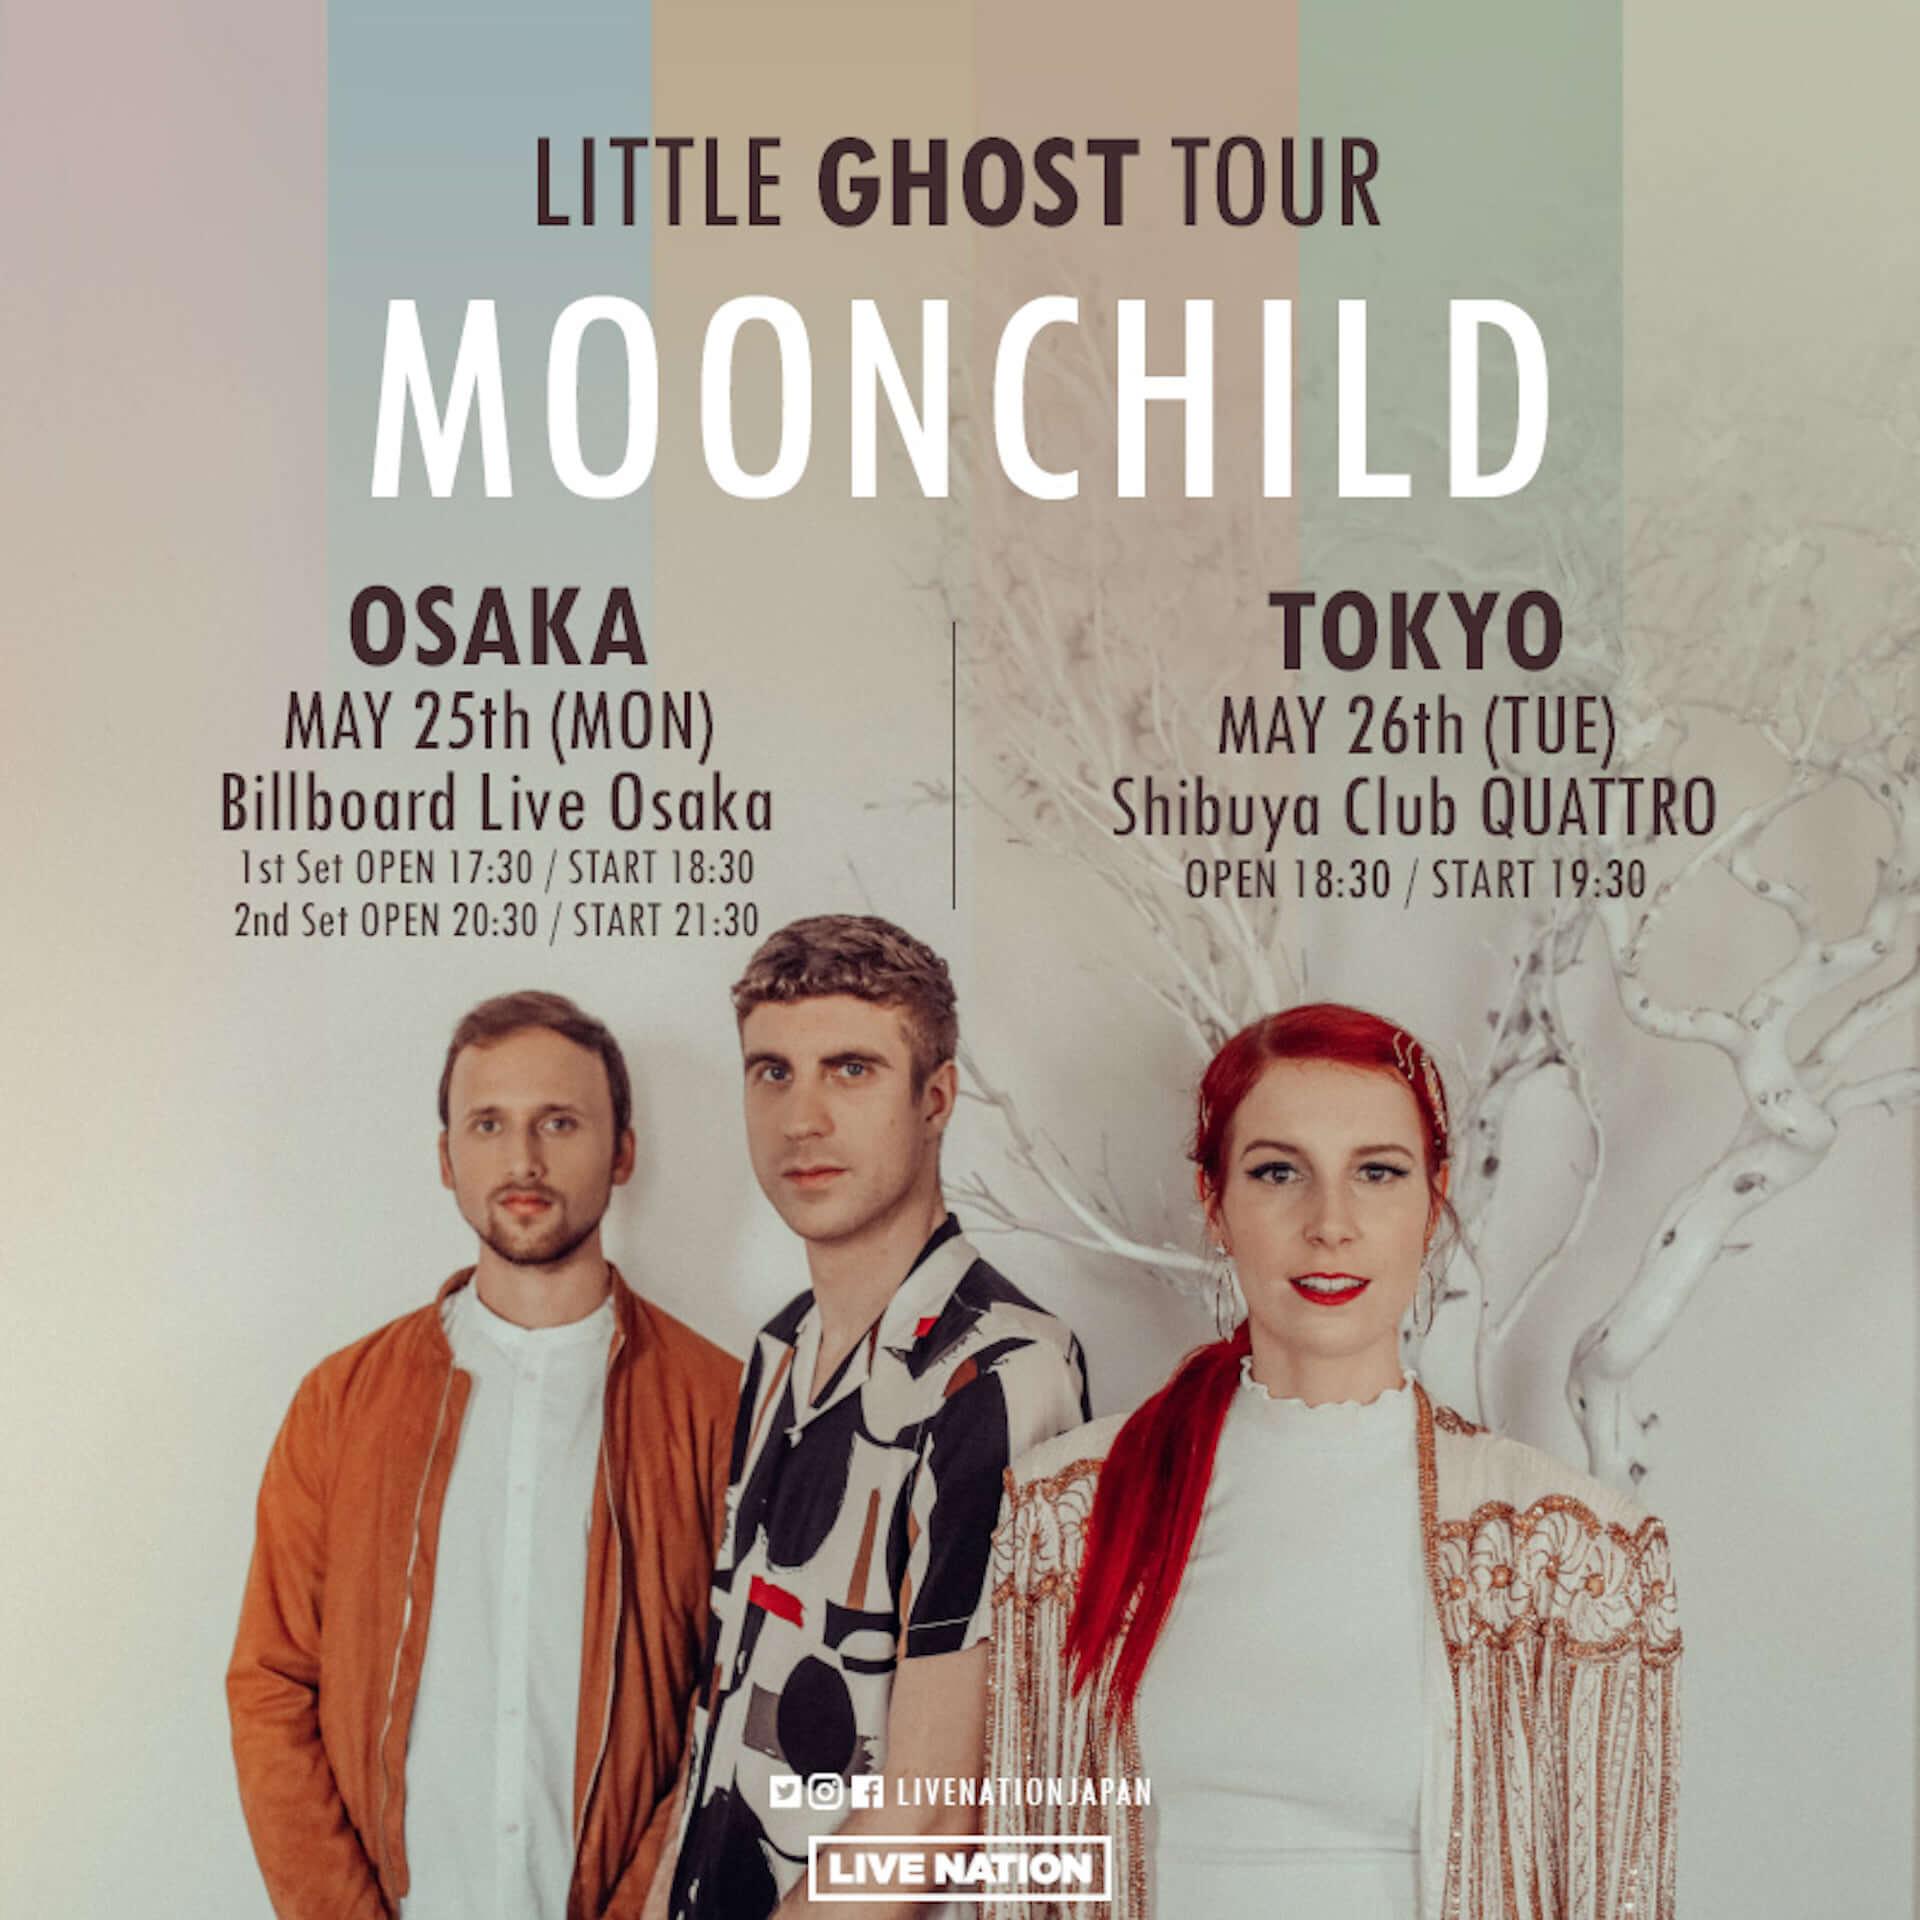 唯一無二のソウル×現代ジャズバンドMoonchildが5月に来日公演決定!東京・大阪にて music200213_moonchild_4-1920x1920